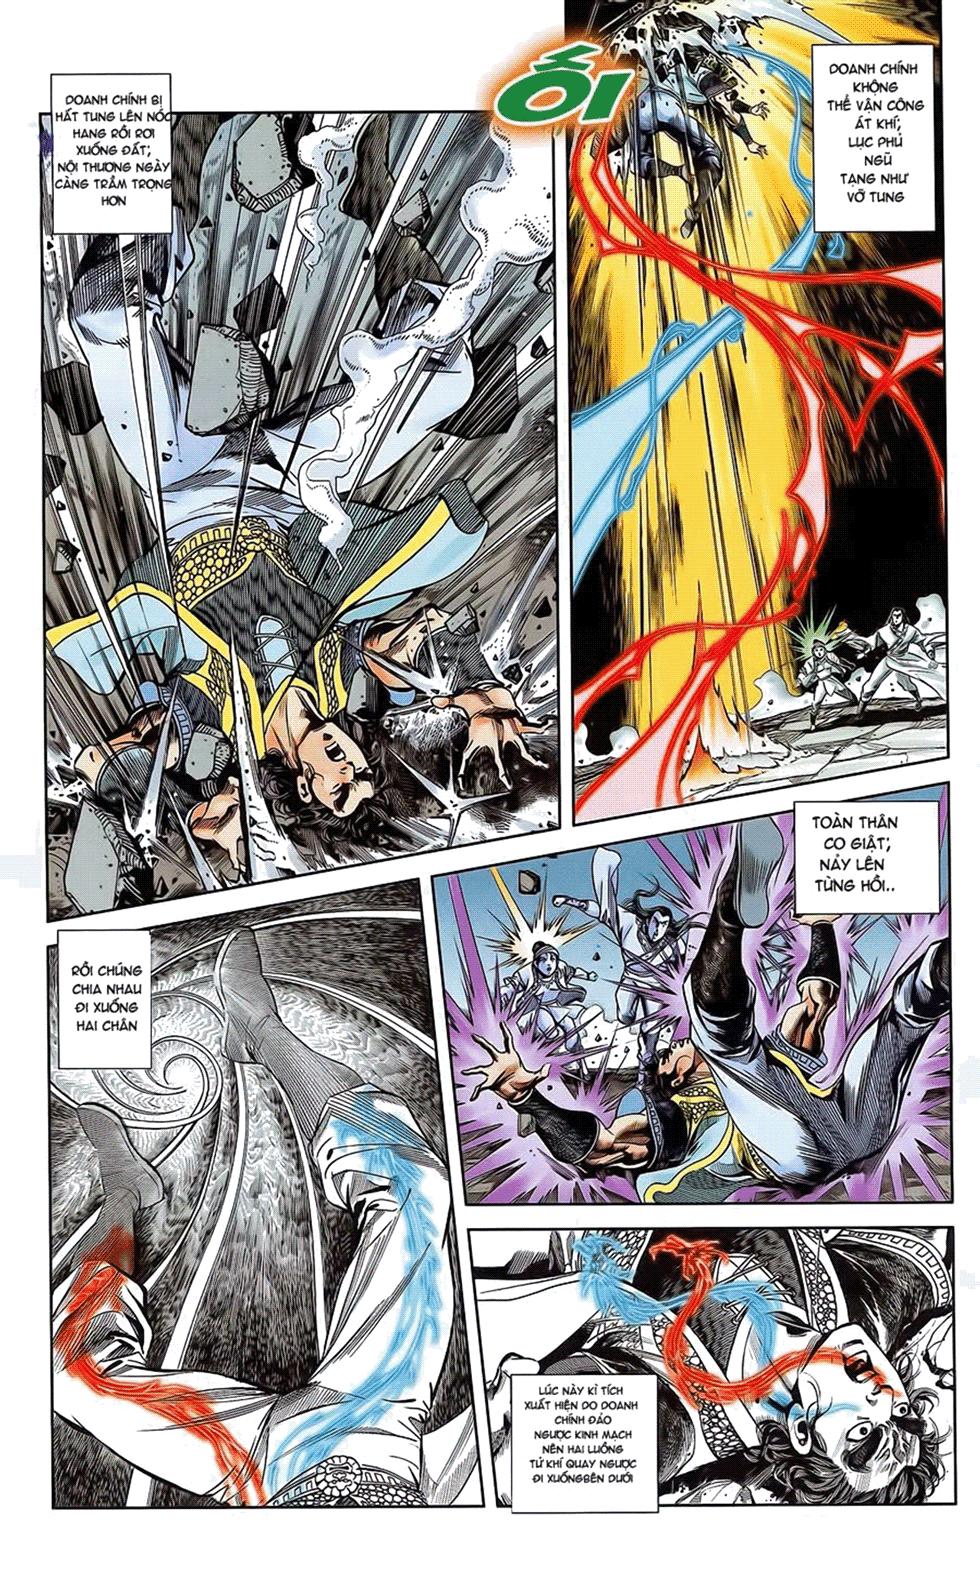 Tần Vương Doanh Chính chapter 20 trang 3